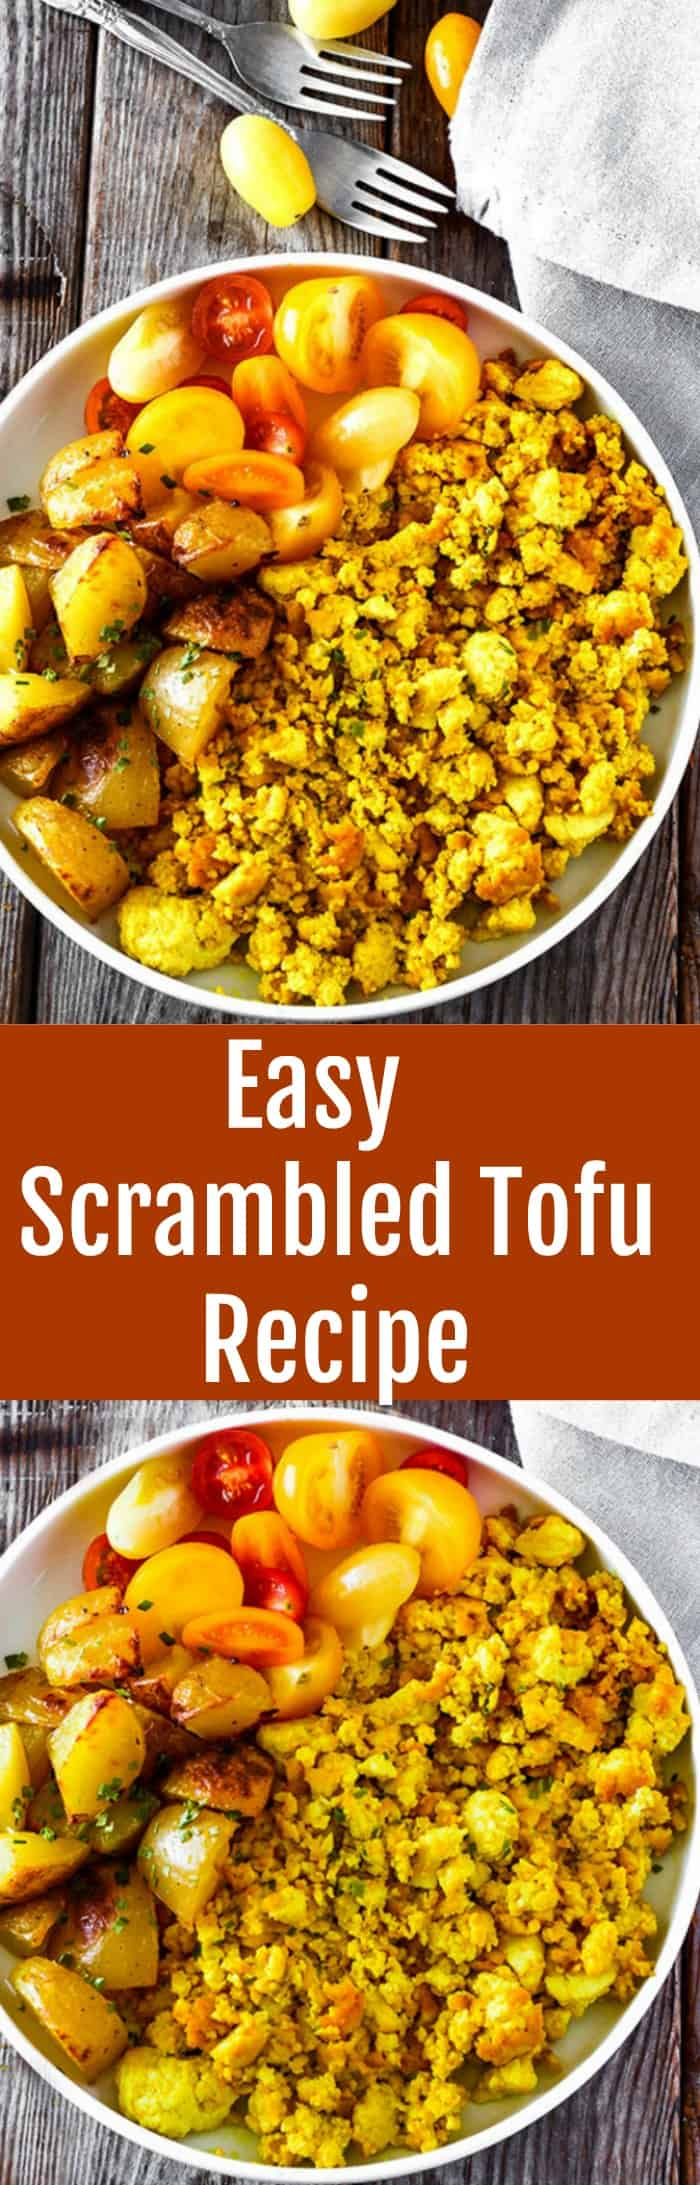 Easy Scrambled Tofu Recipe